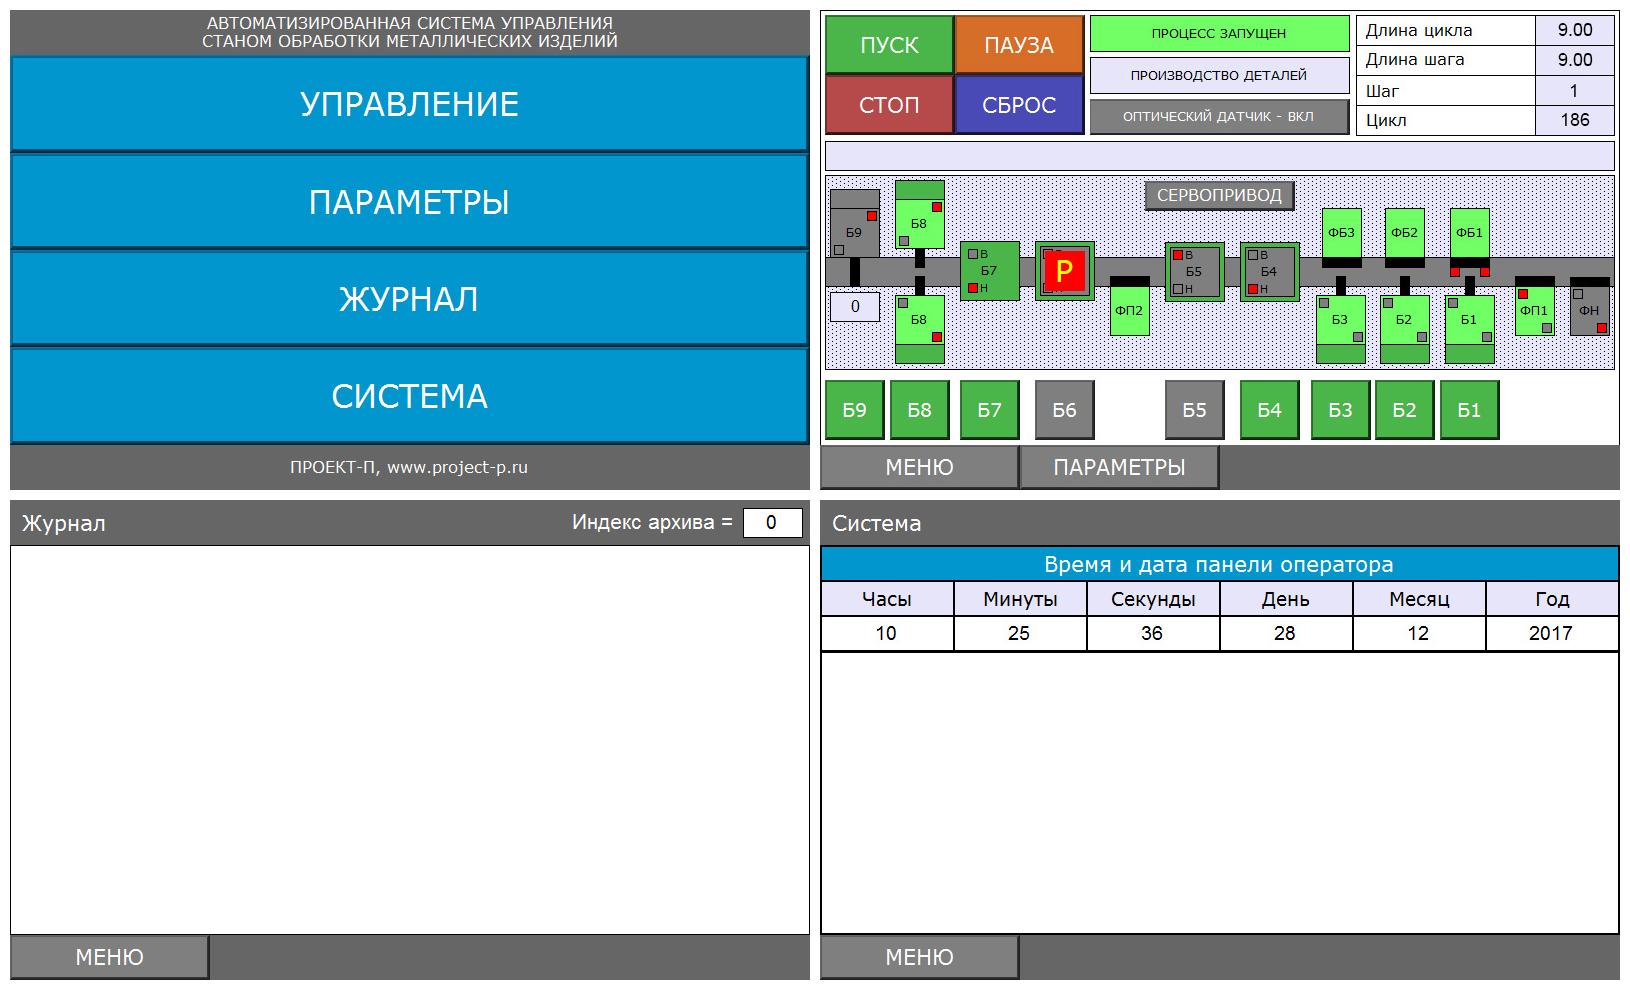 Автоматизированная система управления станом производства электрических шин - экраны панели оператора 1